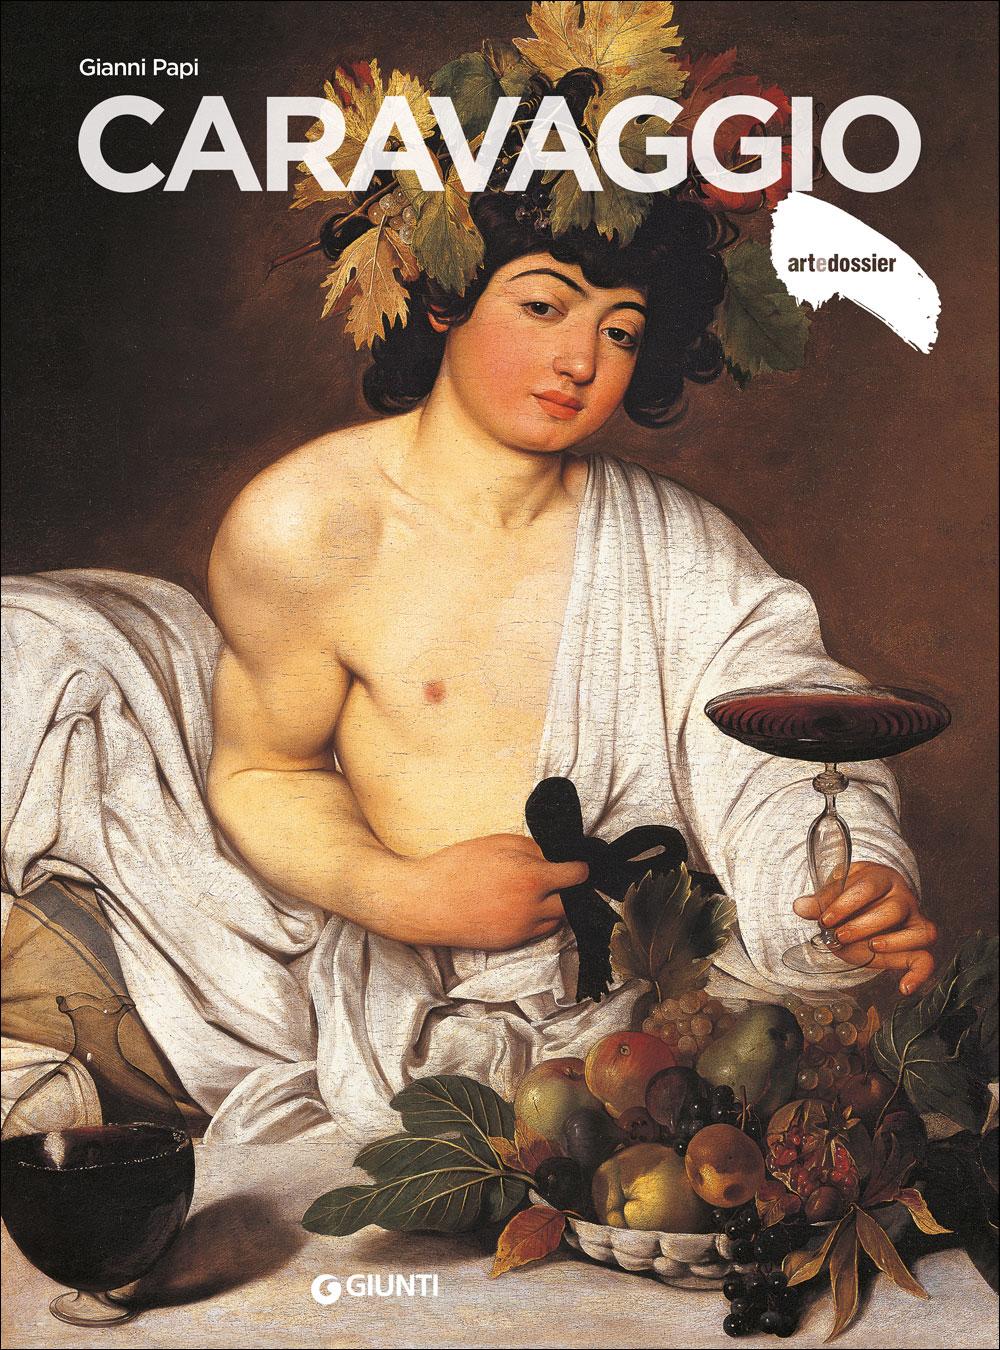 Caravaggio